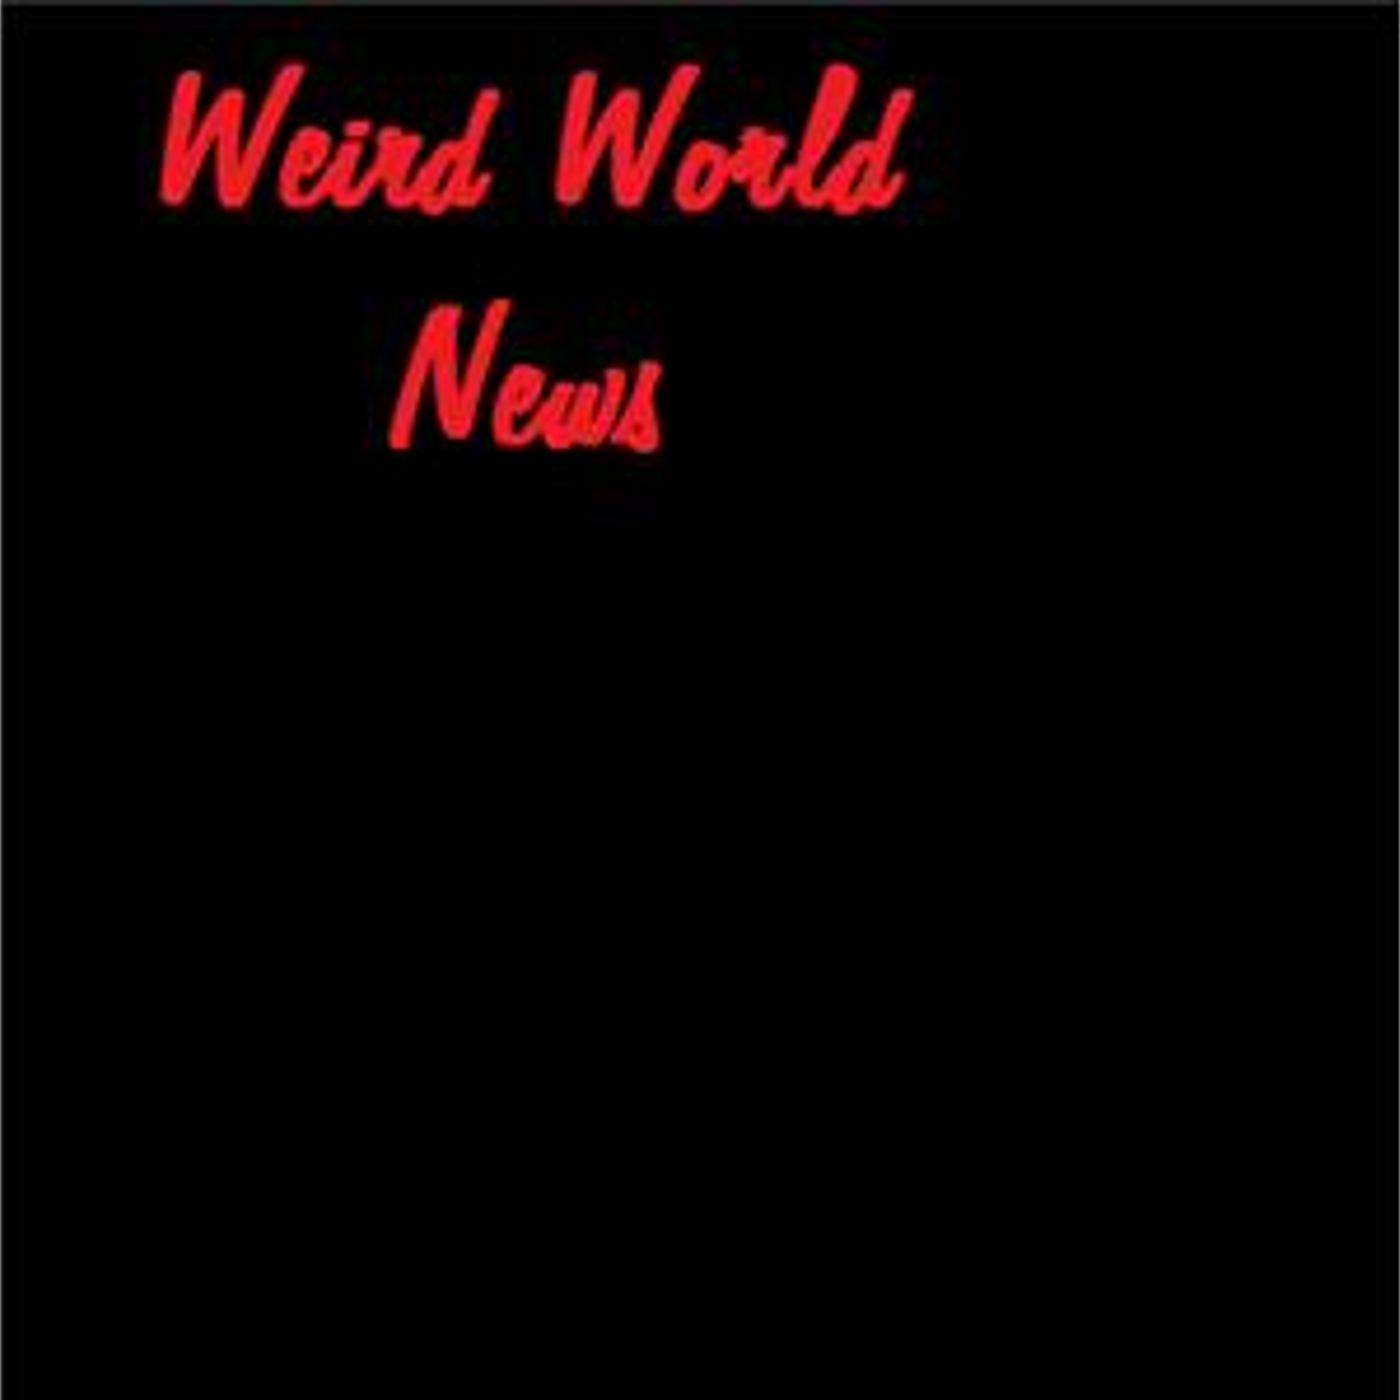 Weird World News